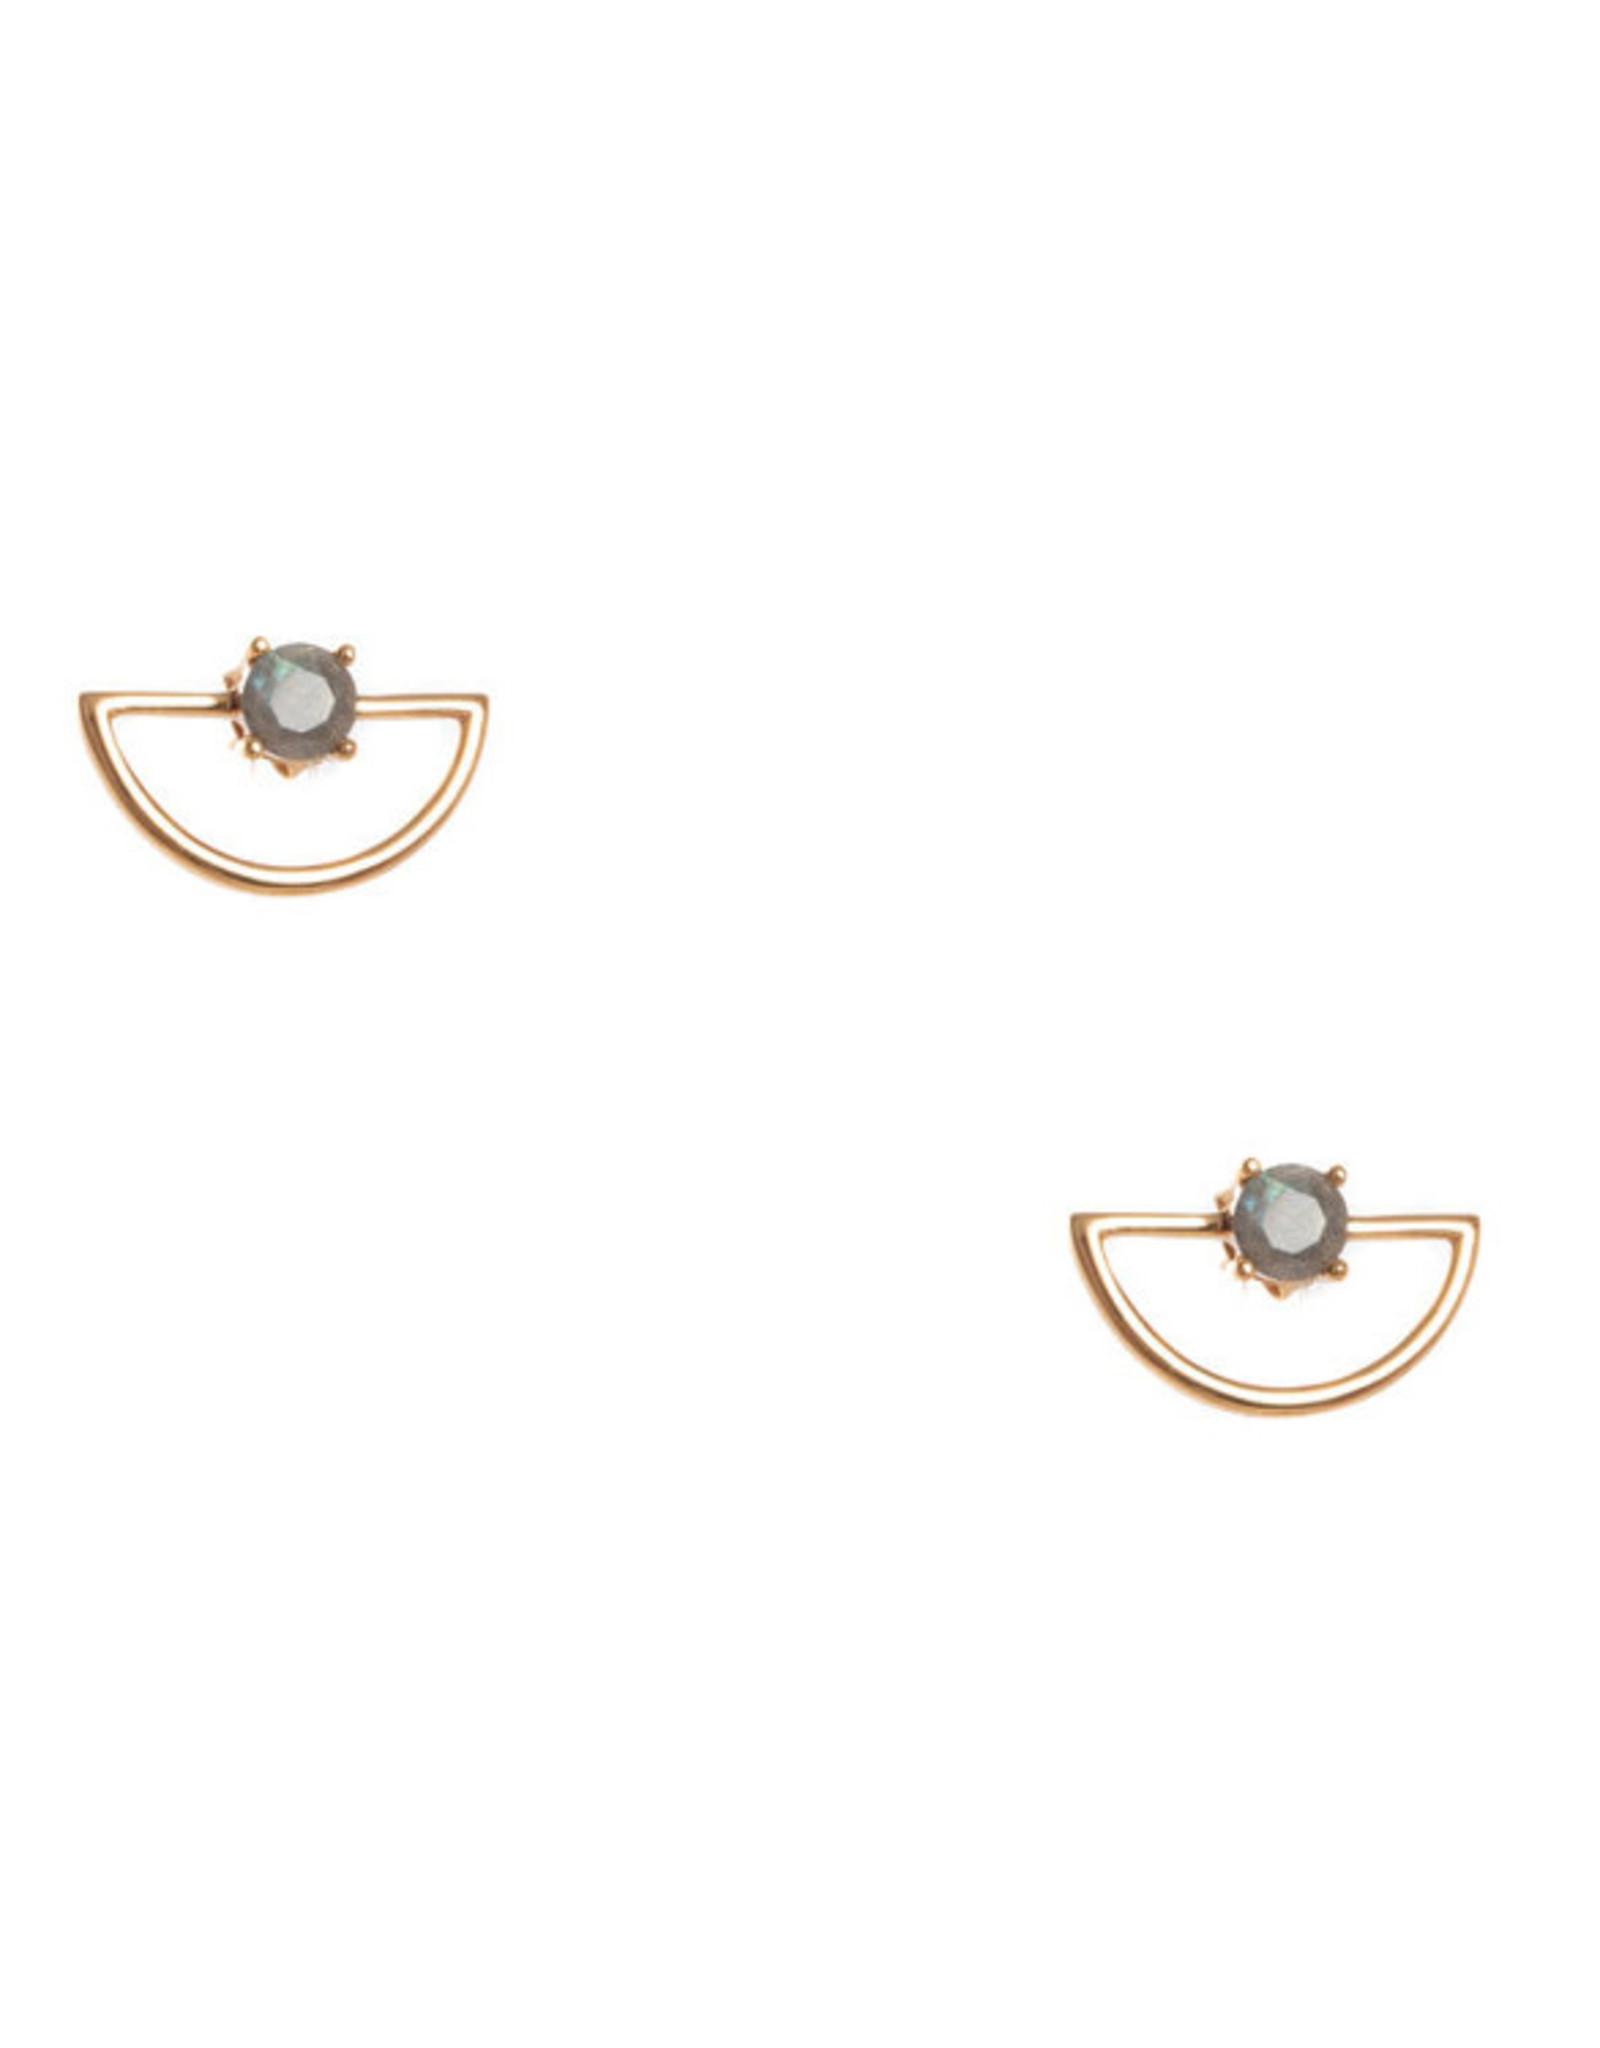 Hailey Gerrits Designs Pine Earrings - Labradorite